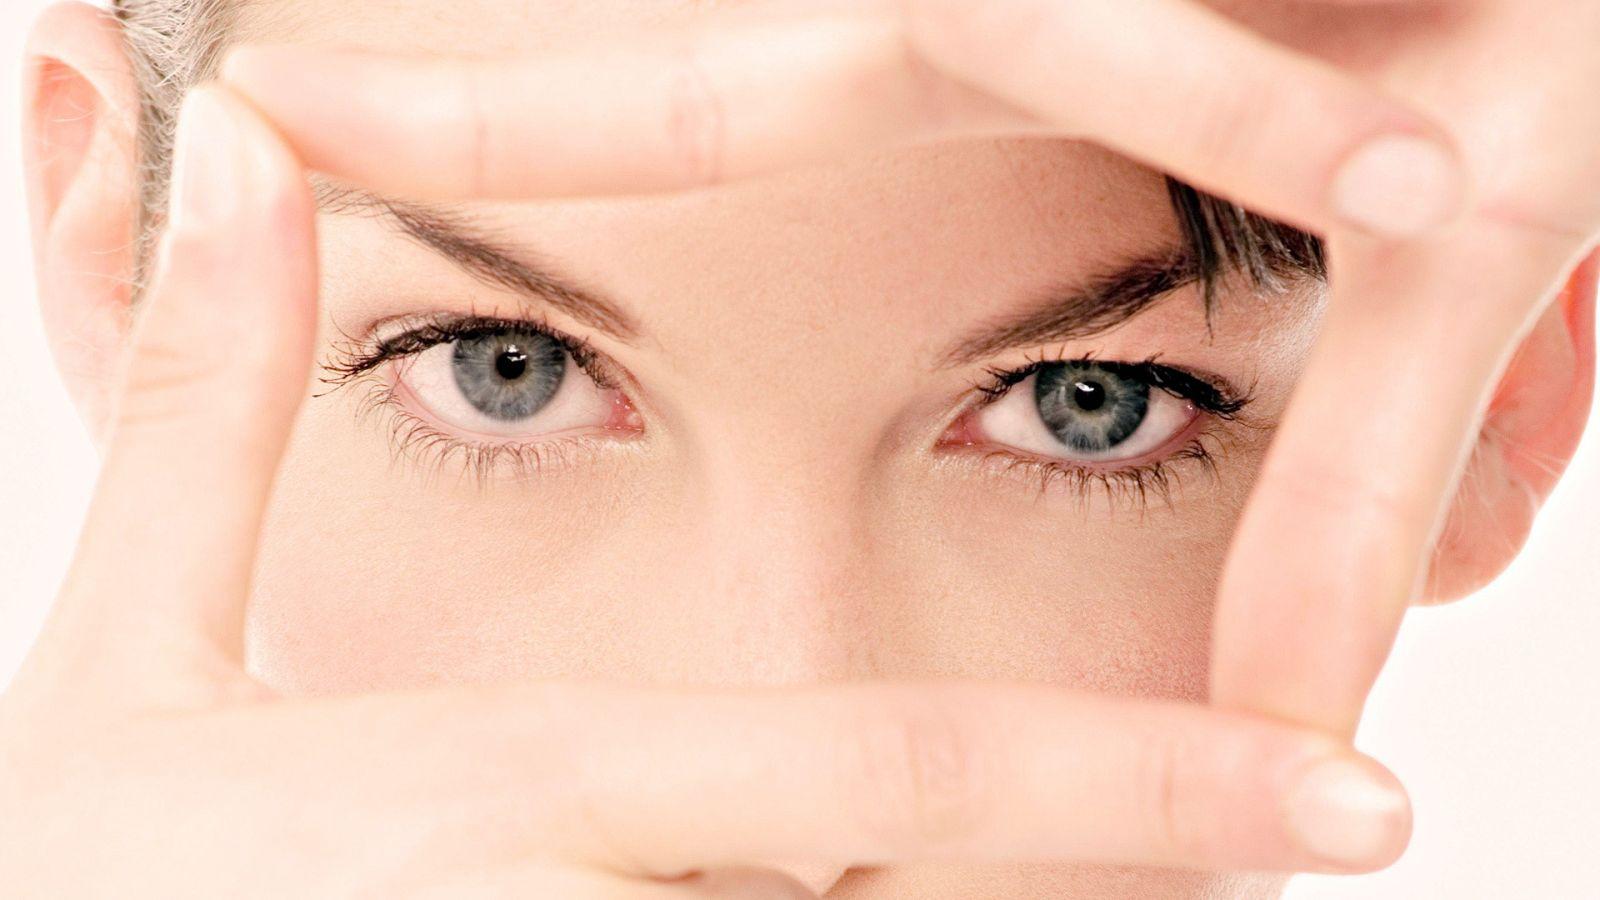 Хорошее зрение, здоровые глаза, комфорт